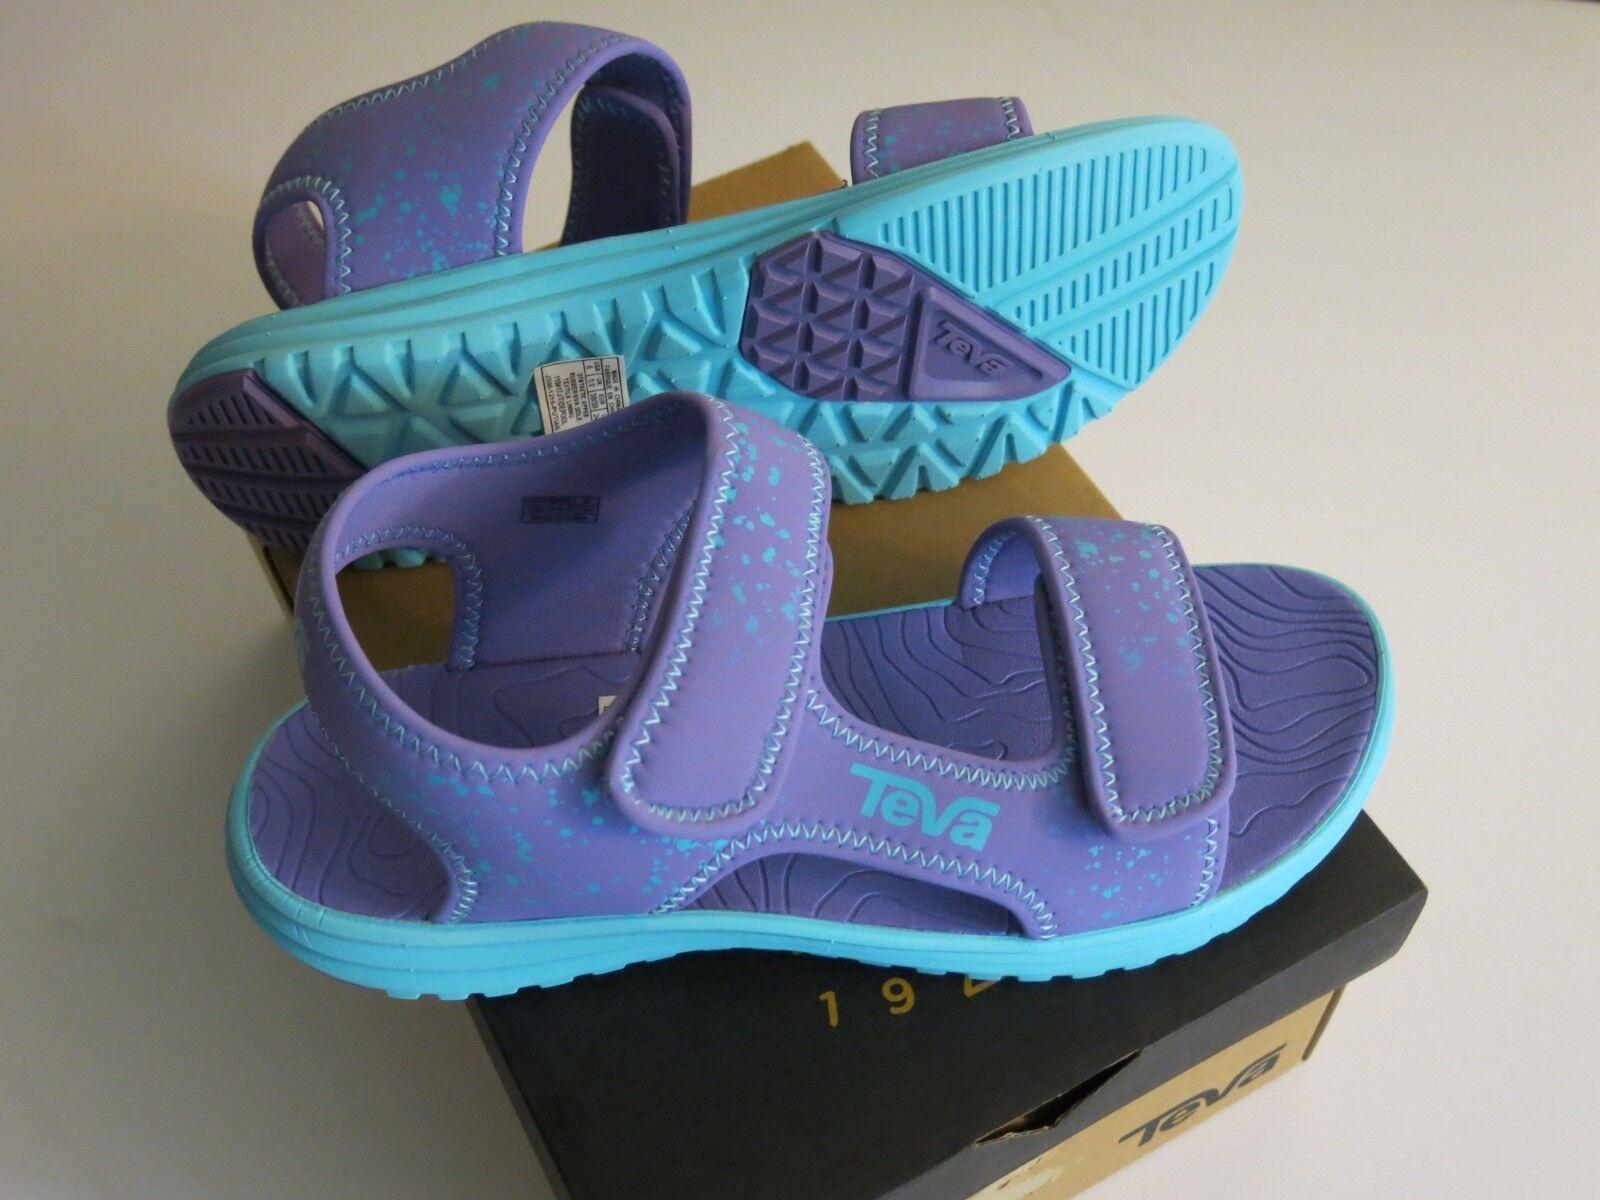 Teva Tidepool Big Youth Girl's 7 Sandals Purple Scuba Splatt